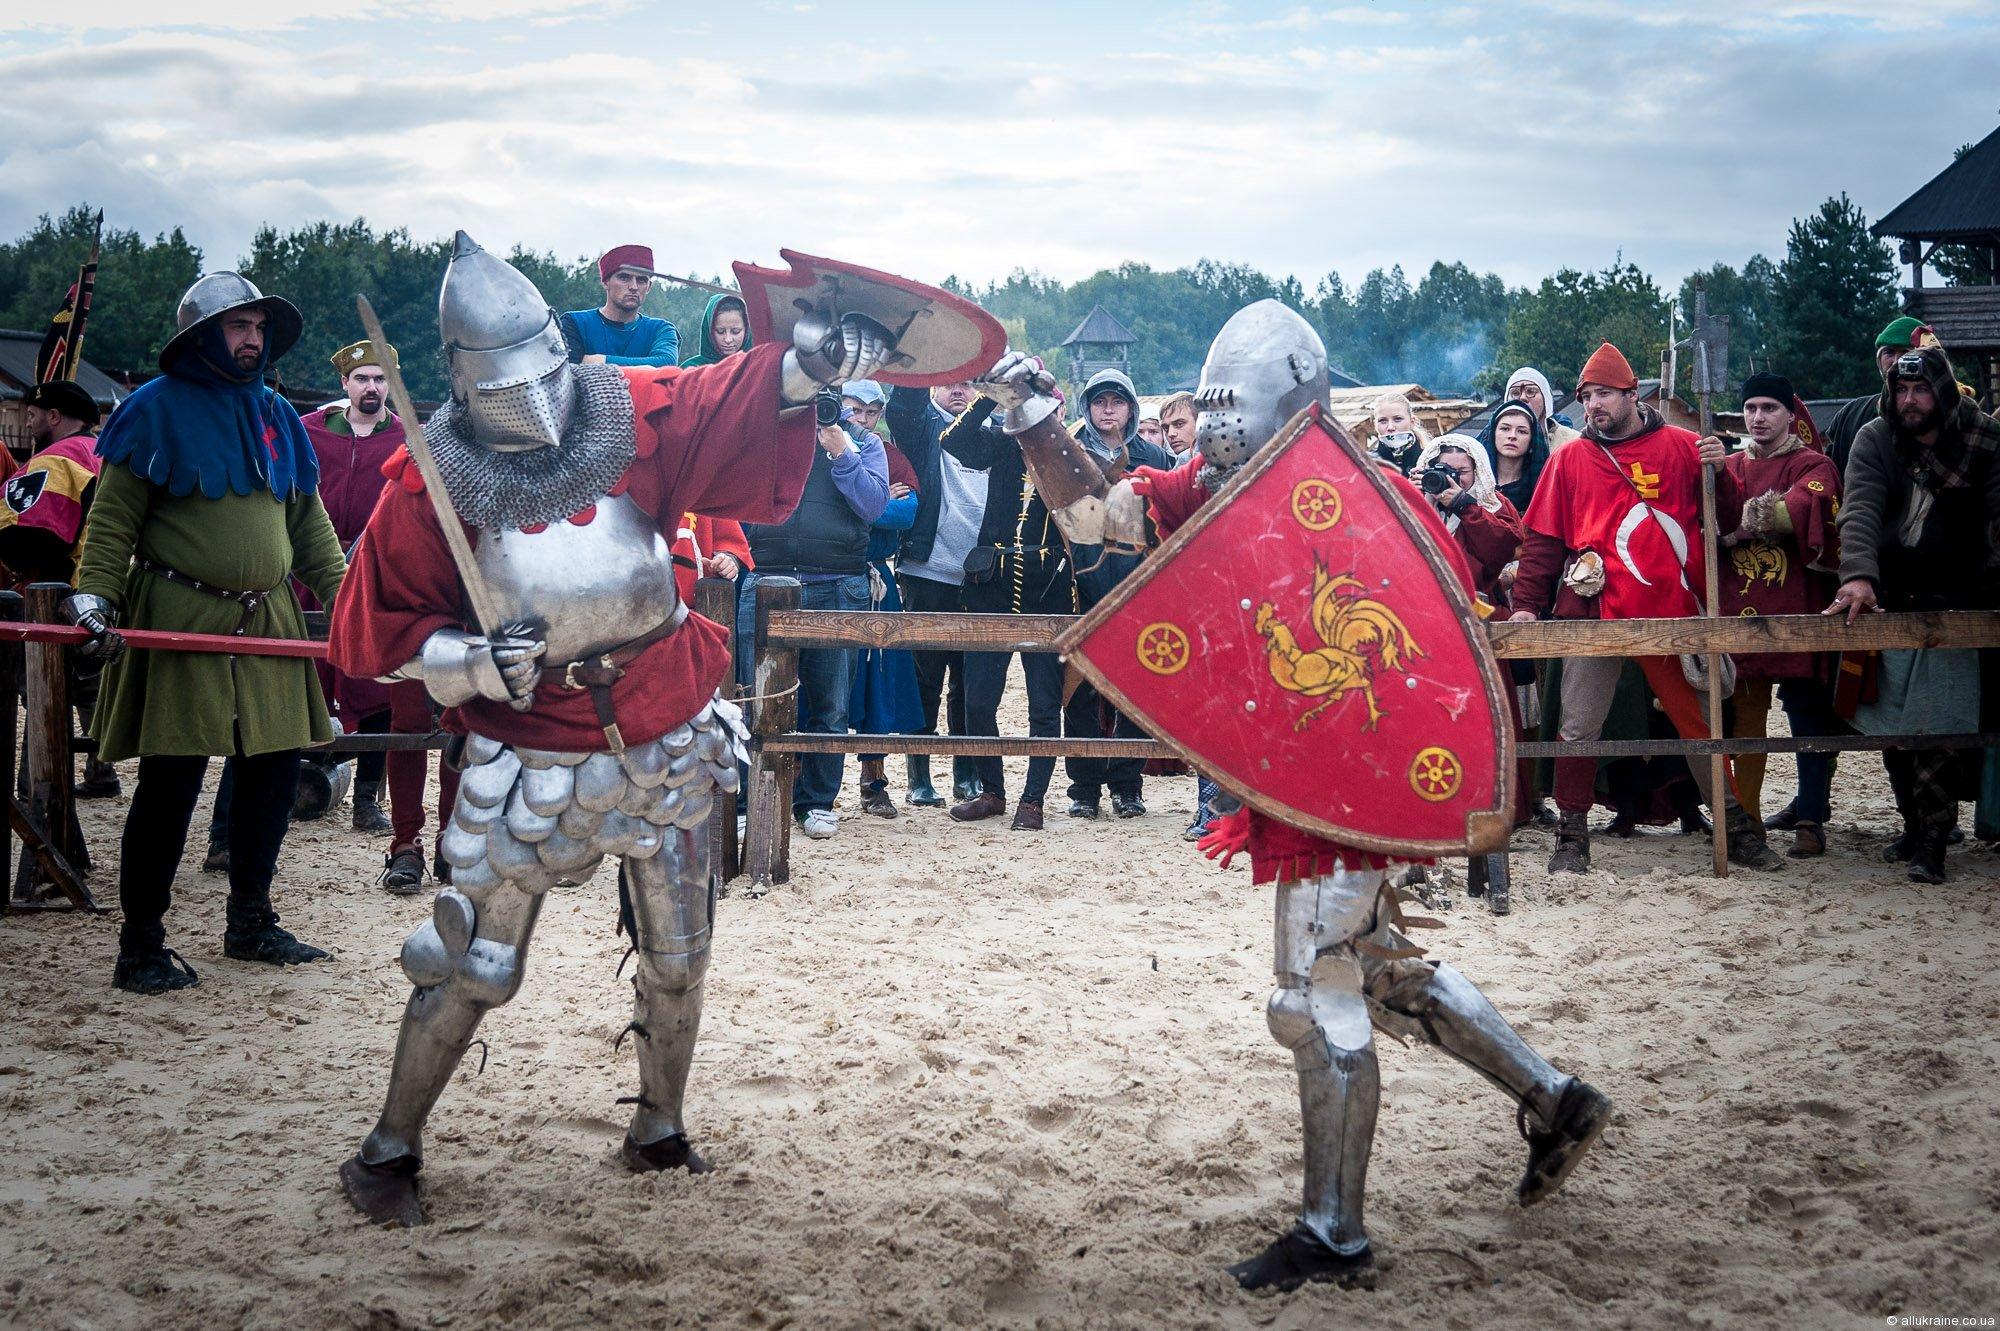 Середньовічні забави, лицарі і конкурси: Цікавинки фестивалю Галицьке лицарство